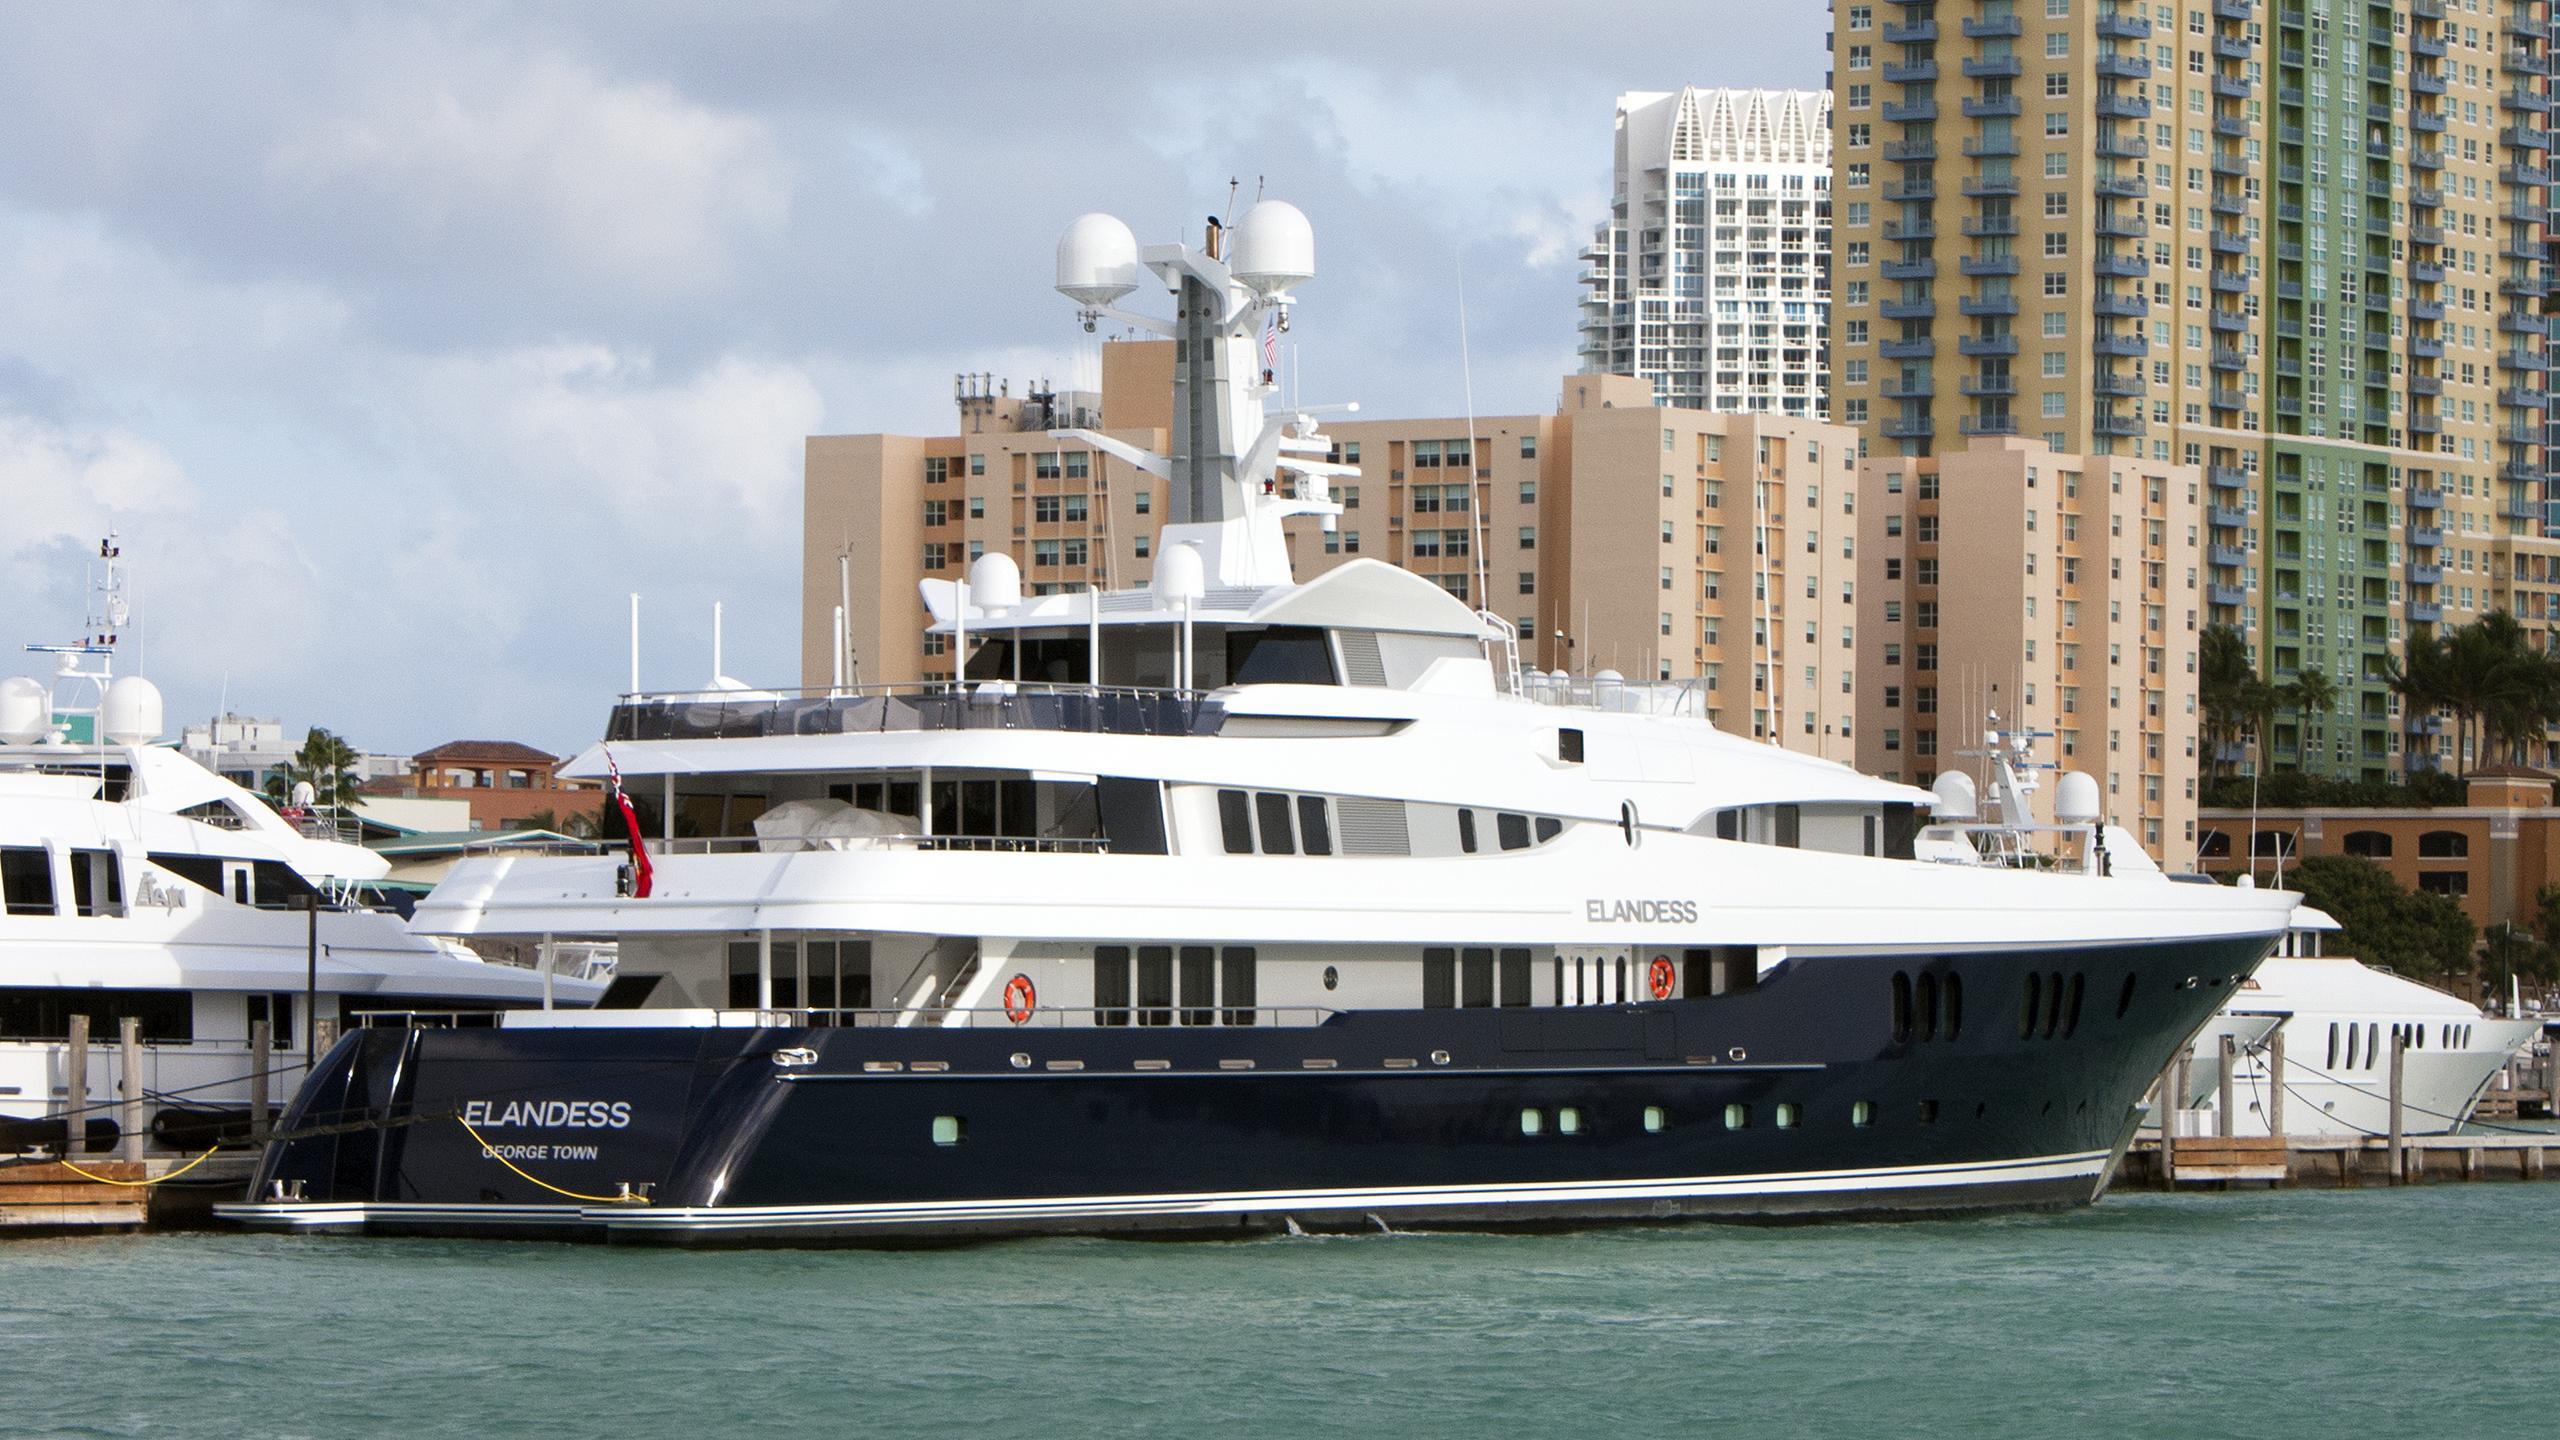 elandess-motor-yacht-abeking-rasmussen-2009-60m-stern